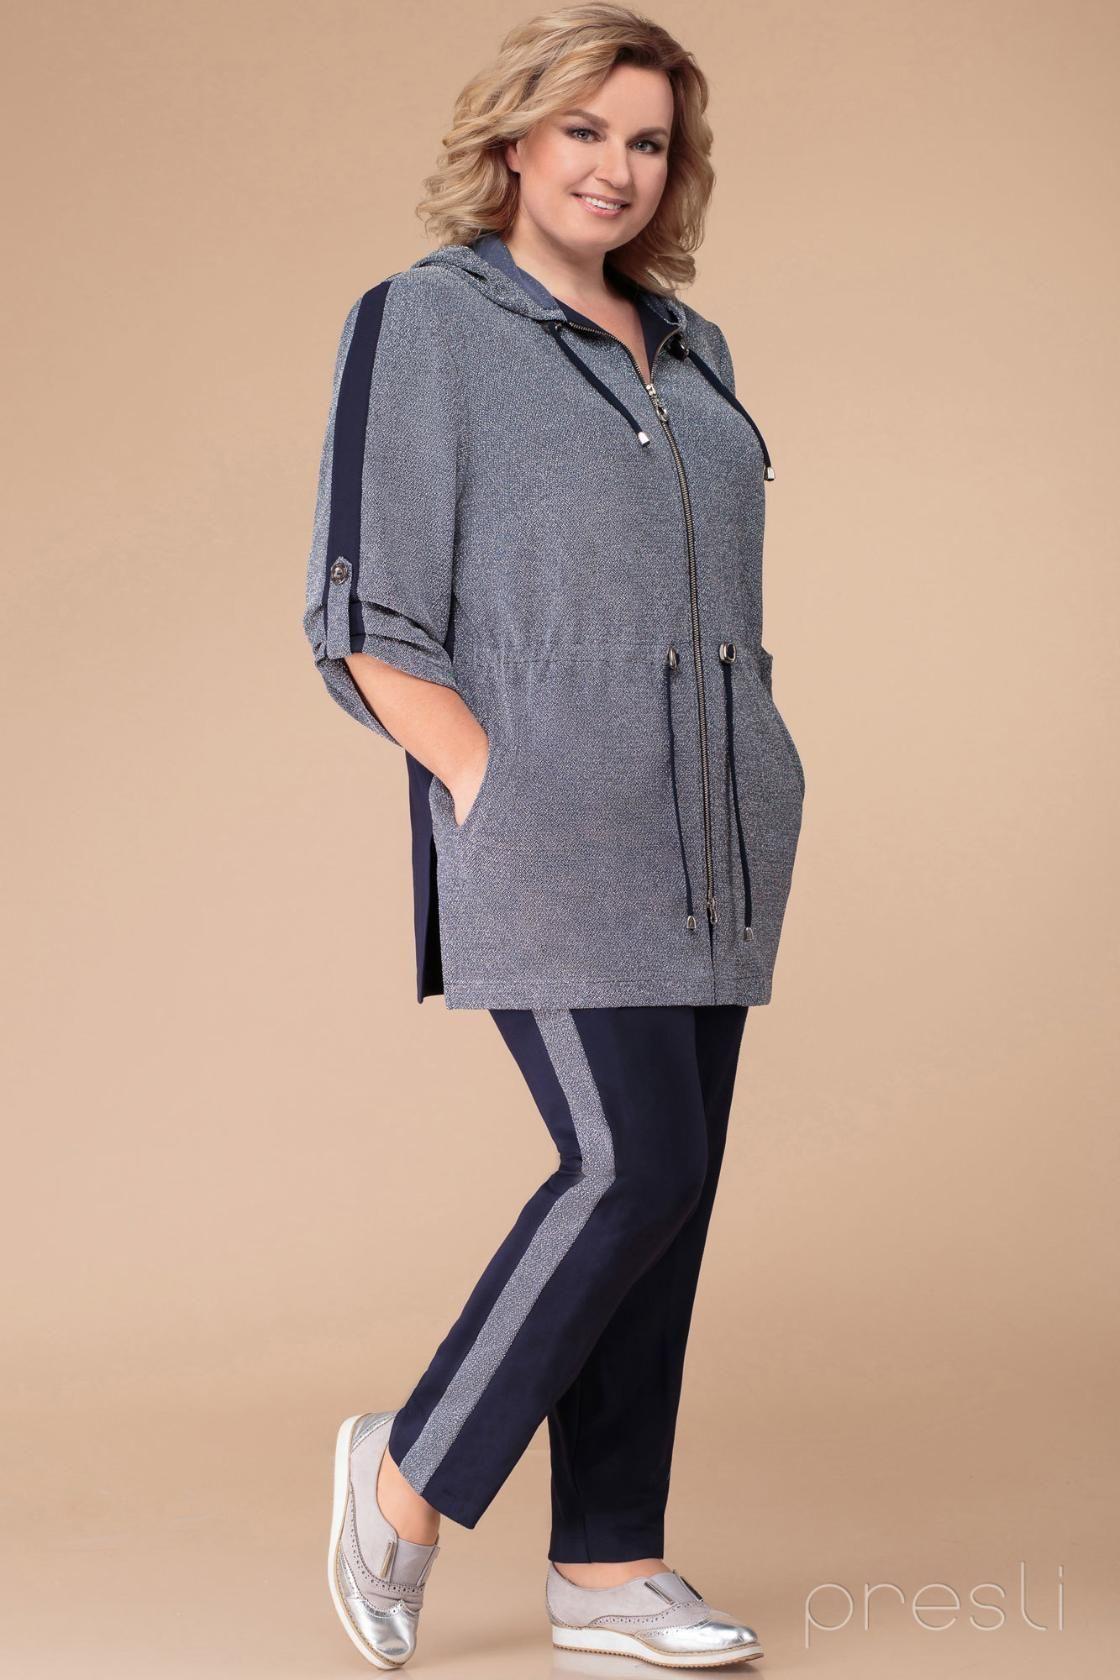 стильная спортивная одежда для полных женщин